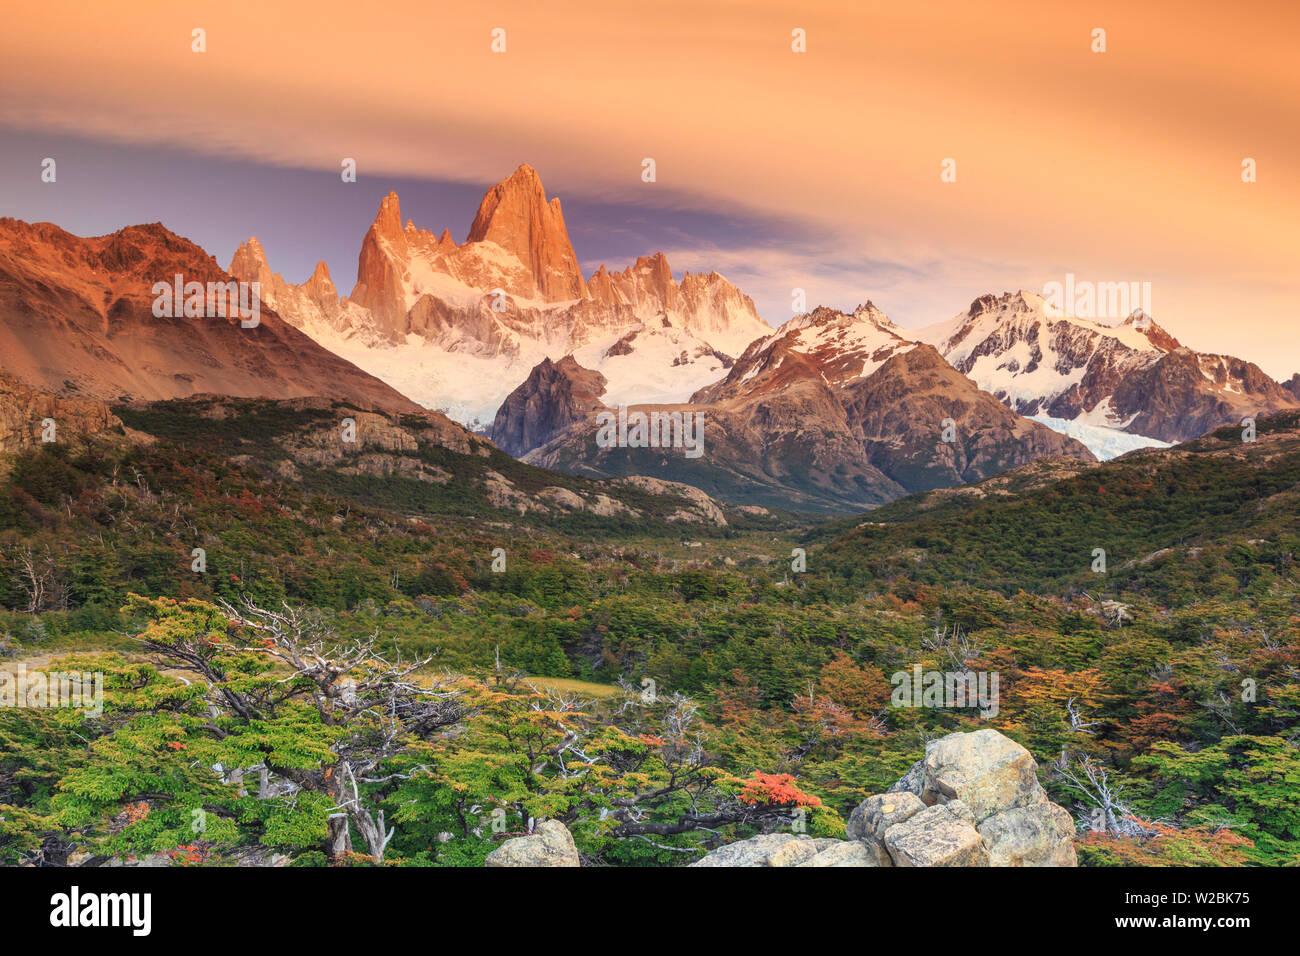 Argentina, Patagonia, El Chalten, Los Glaciares National Park, Cerro Fitzroy Peak - Stock Image